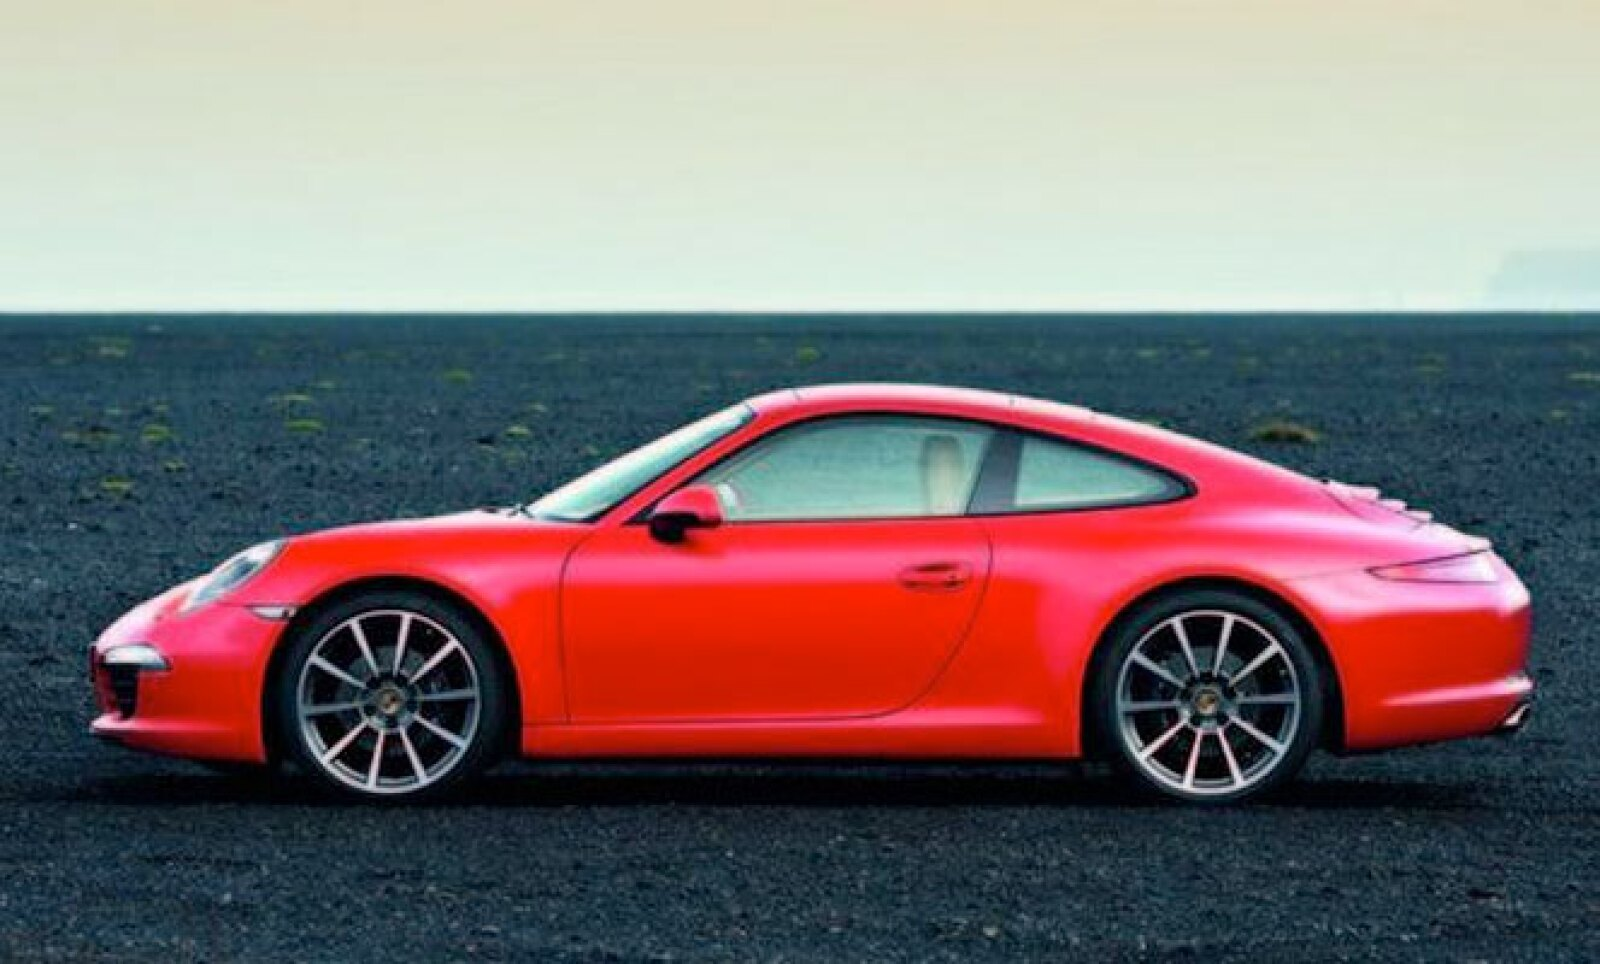 Finalmente se han 'filtrado' las primeras imágenes no oficiales del emblemático deportivo de la marca de Stuttgart y, por lo que muestran, el nuevo 911 luce casi igual que su generación anterior.